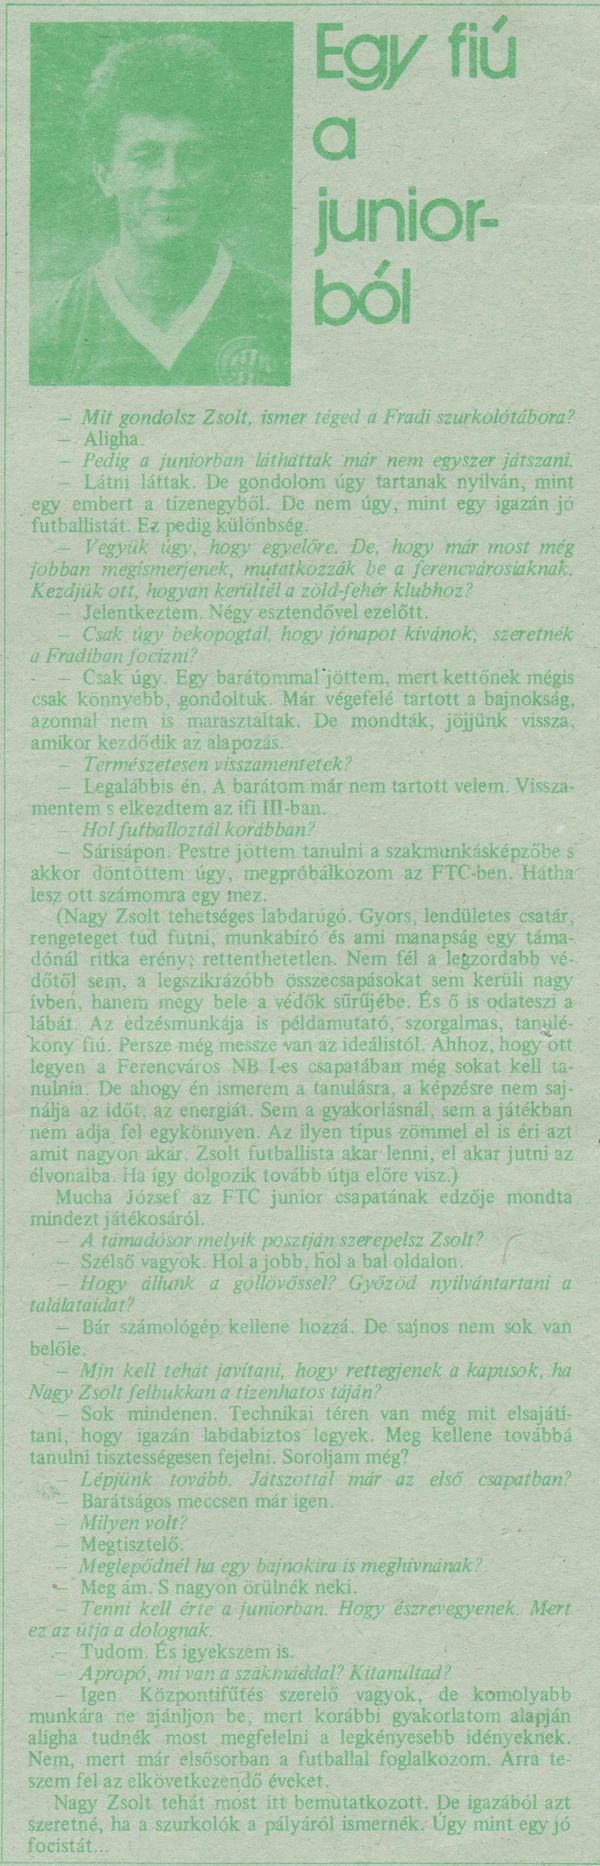 TFU_19870325_Fml_000 - 0004